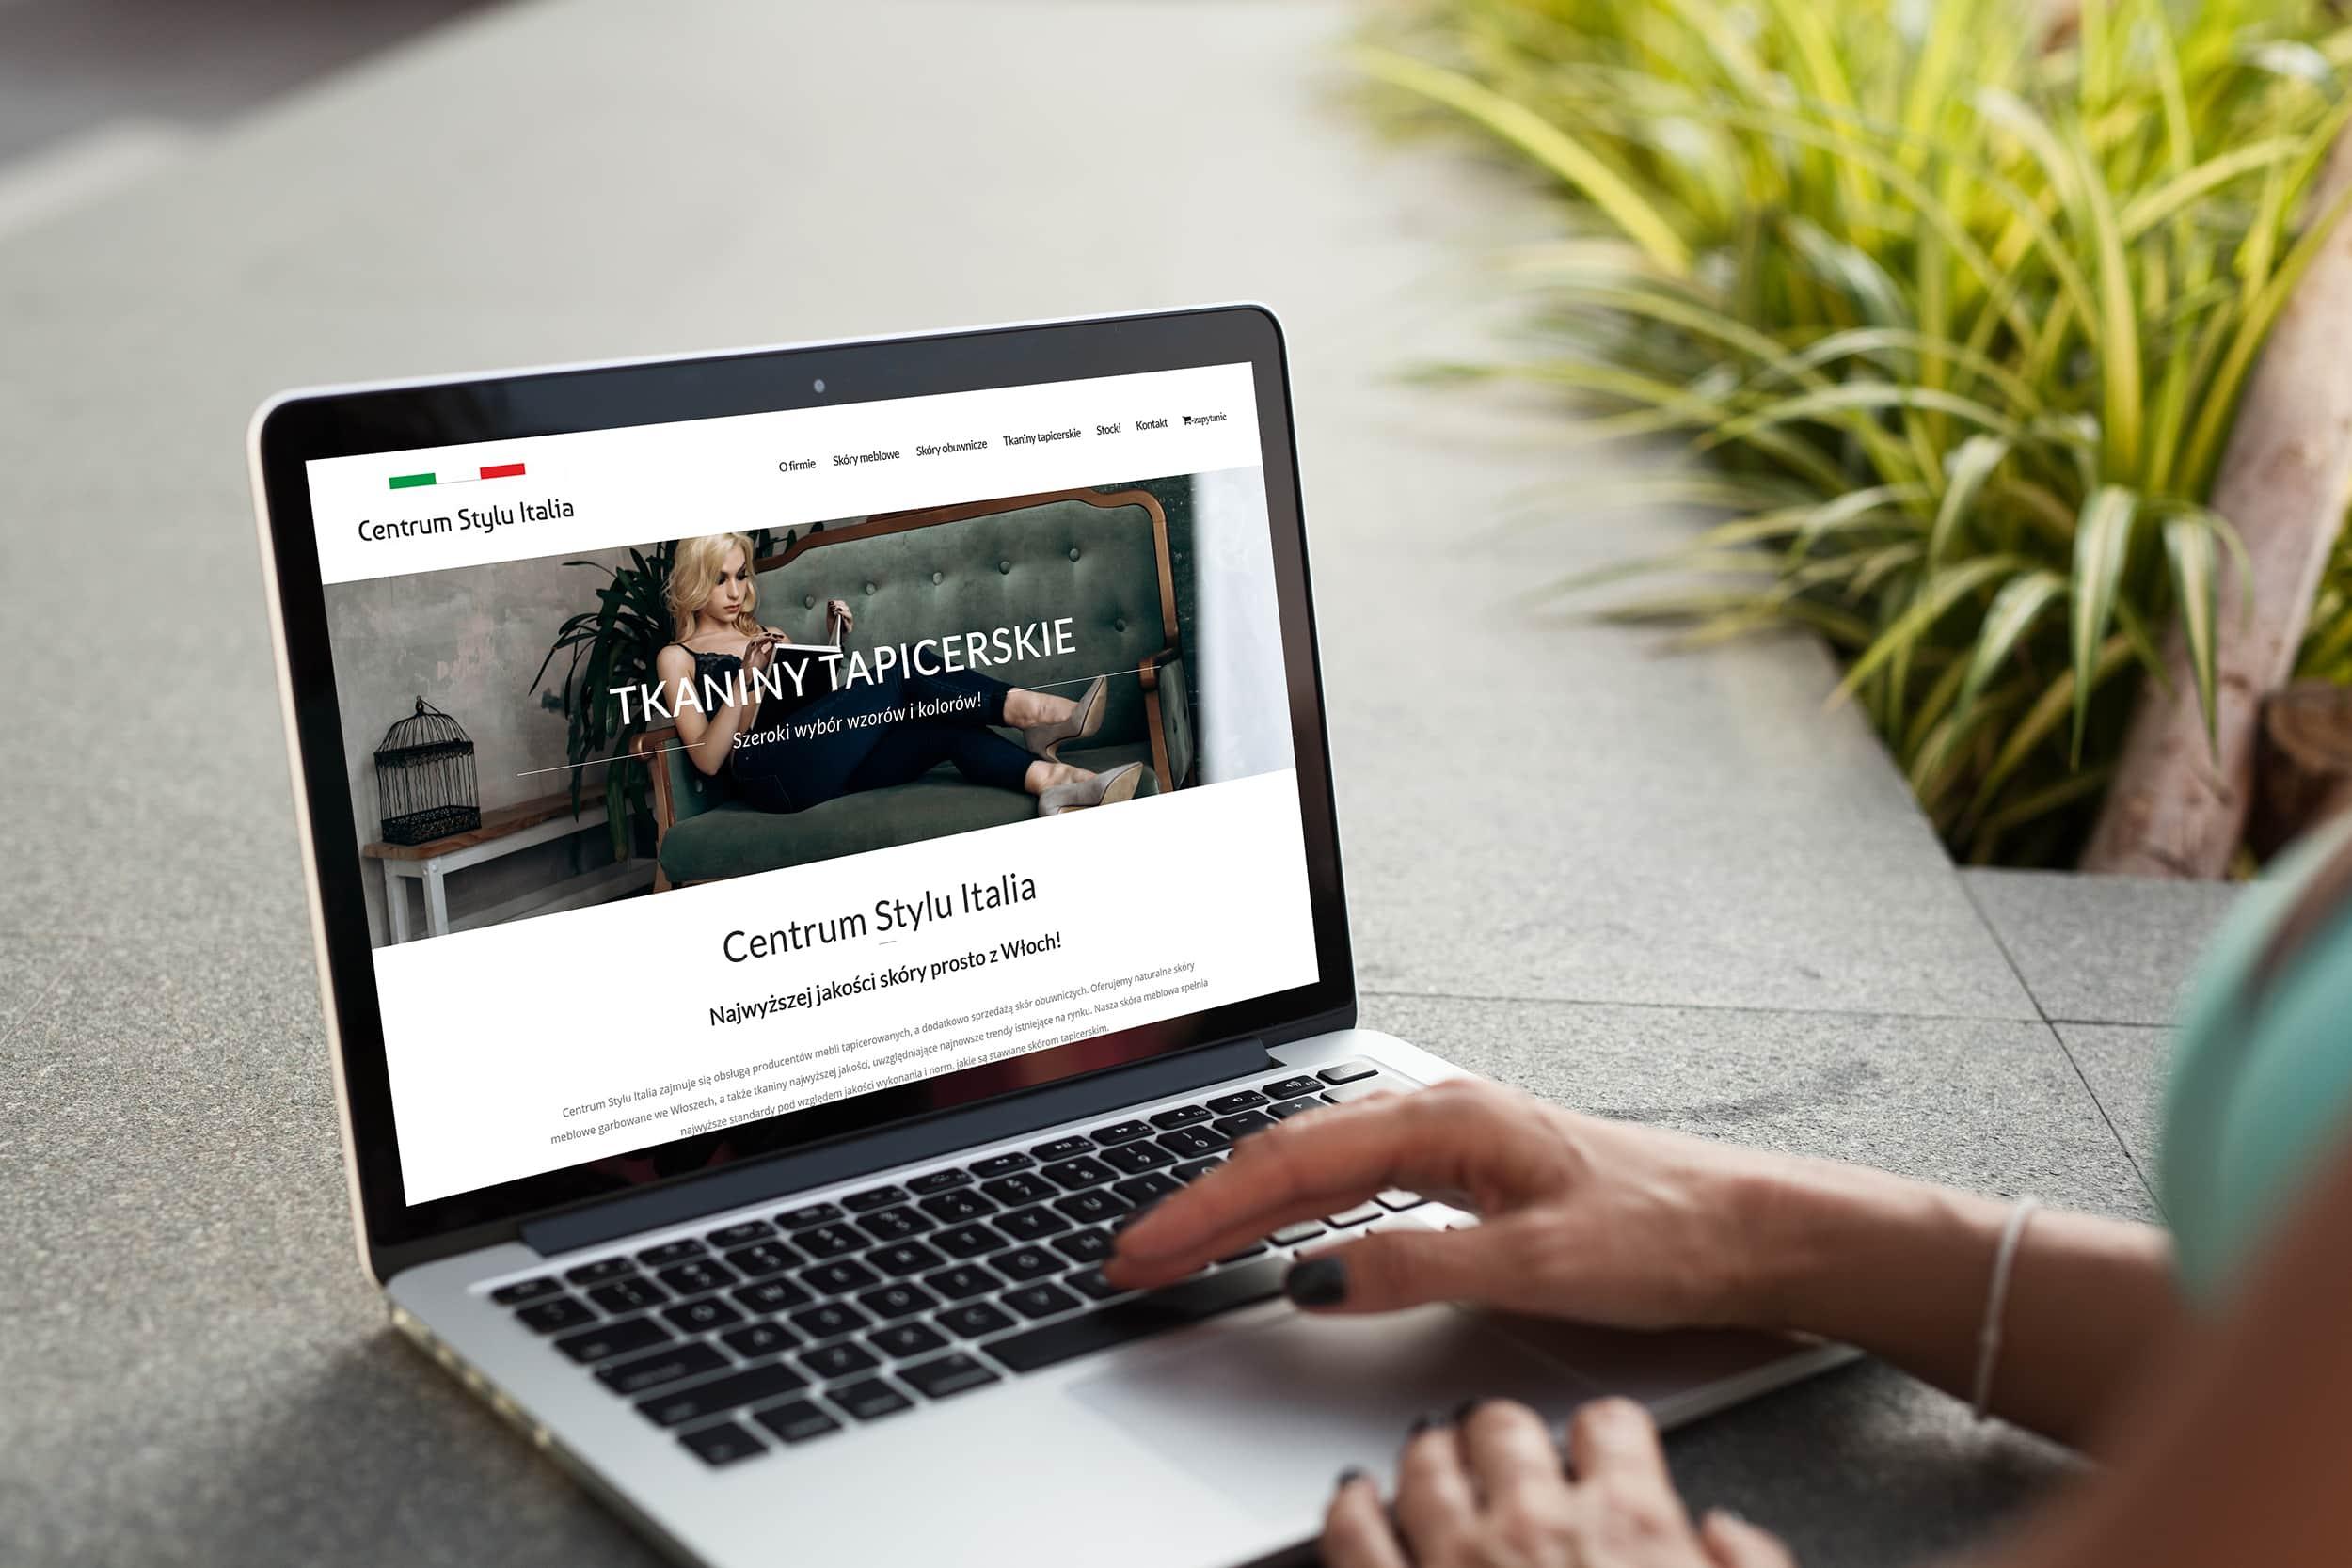 screenshot - strona internetowa tkaniny tapicerskie kalwaria zebrzydowska